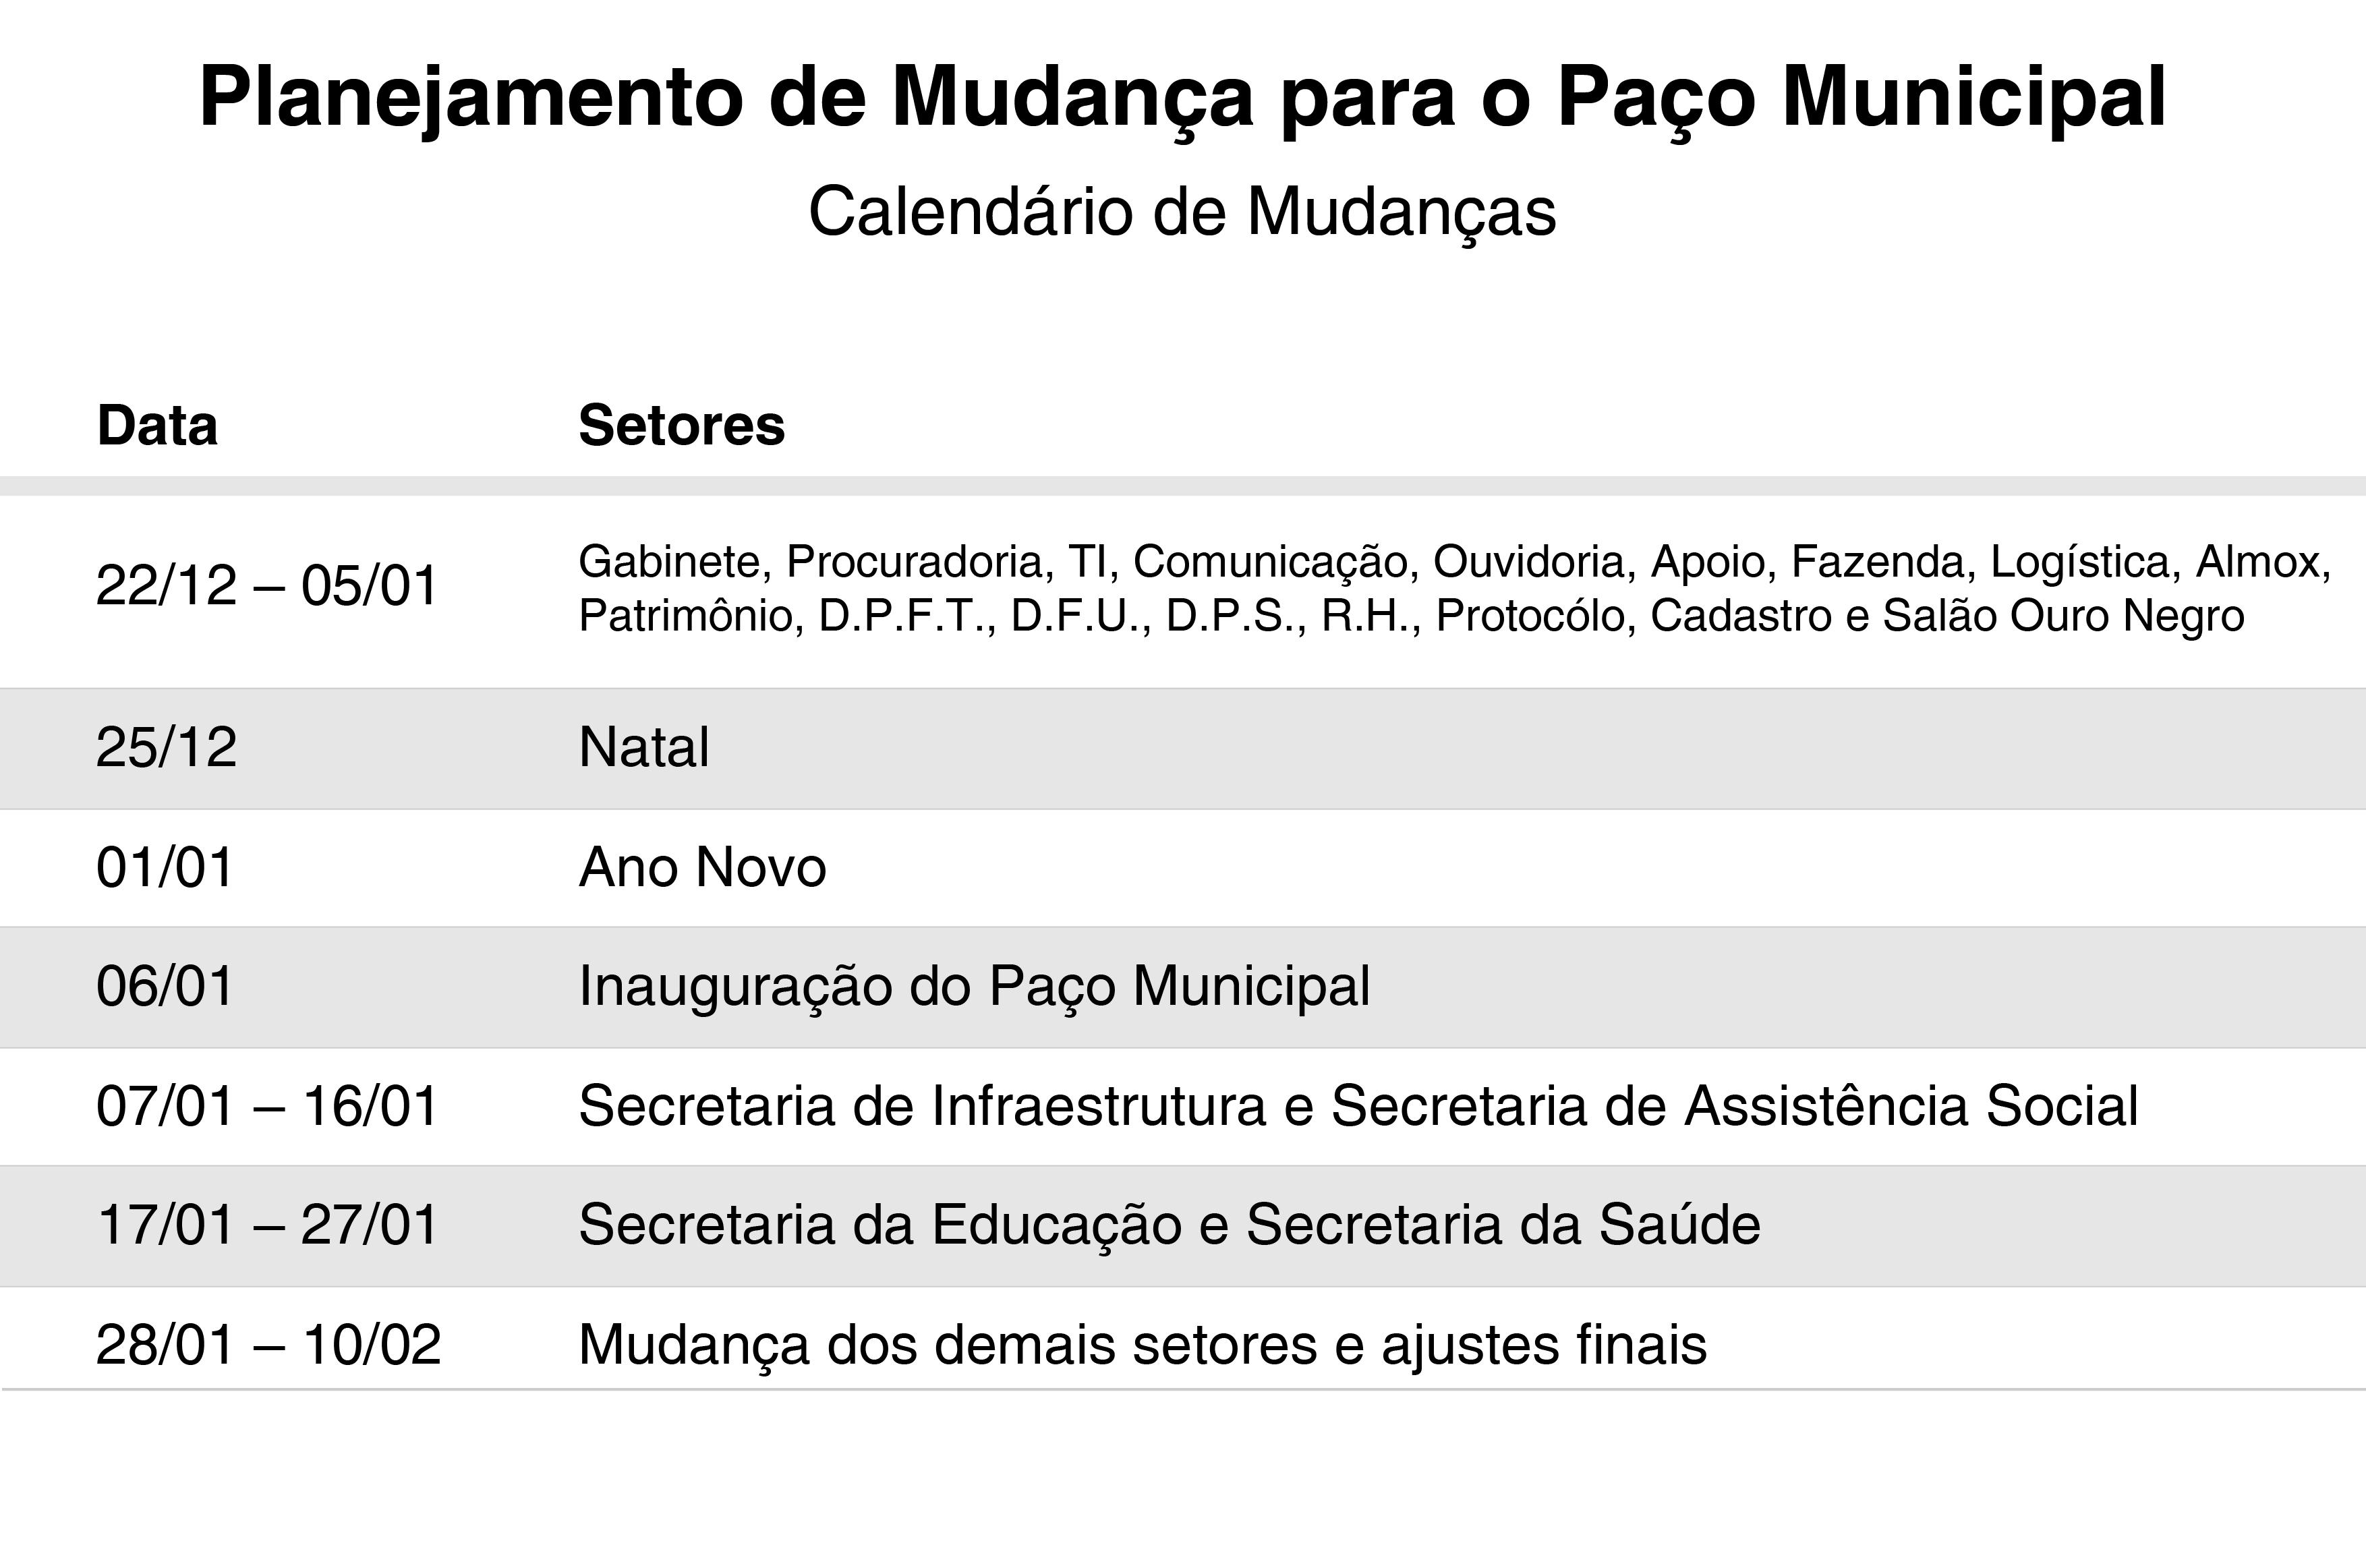 Serviços da Prefeitura de Criciúma serão suspensos a partir de sexta-feira